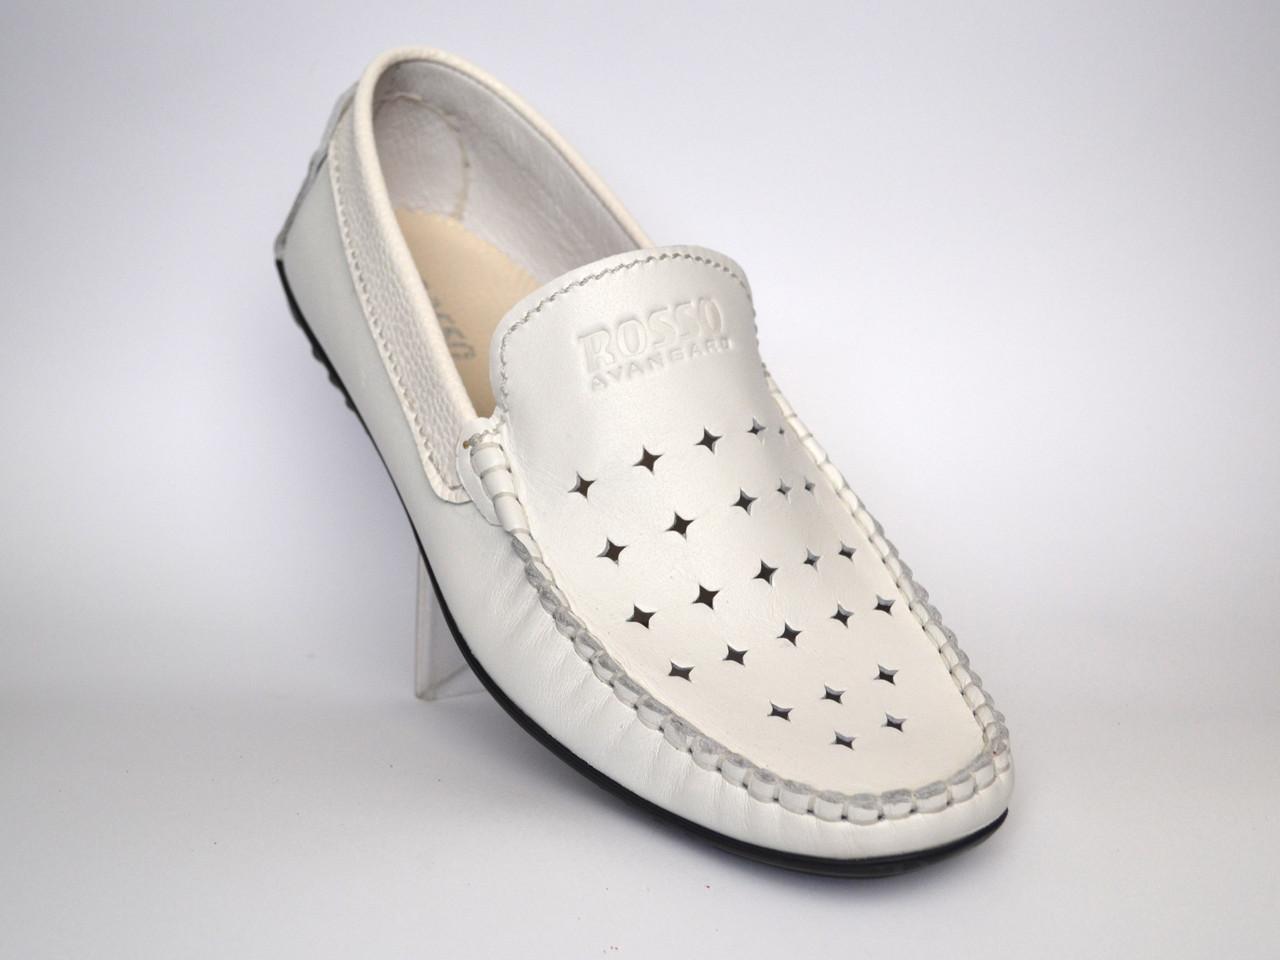 Білі мокасини літні шкіряні перфоровані стильні взуття великих розмірів Rosso Avangard Bianco M4